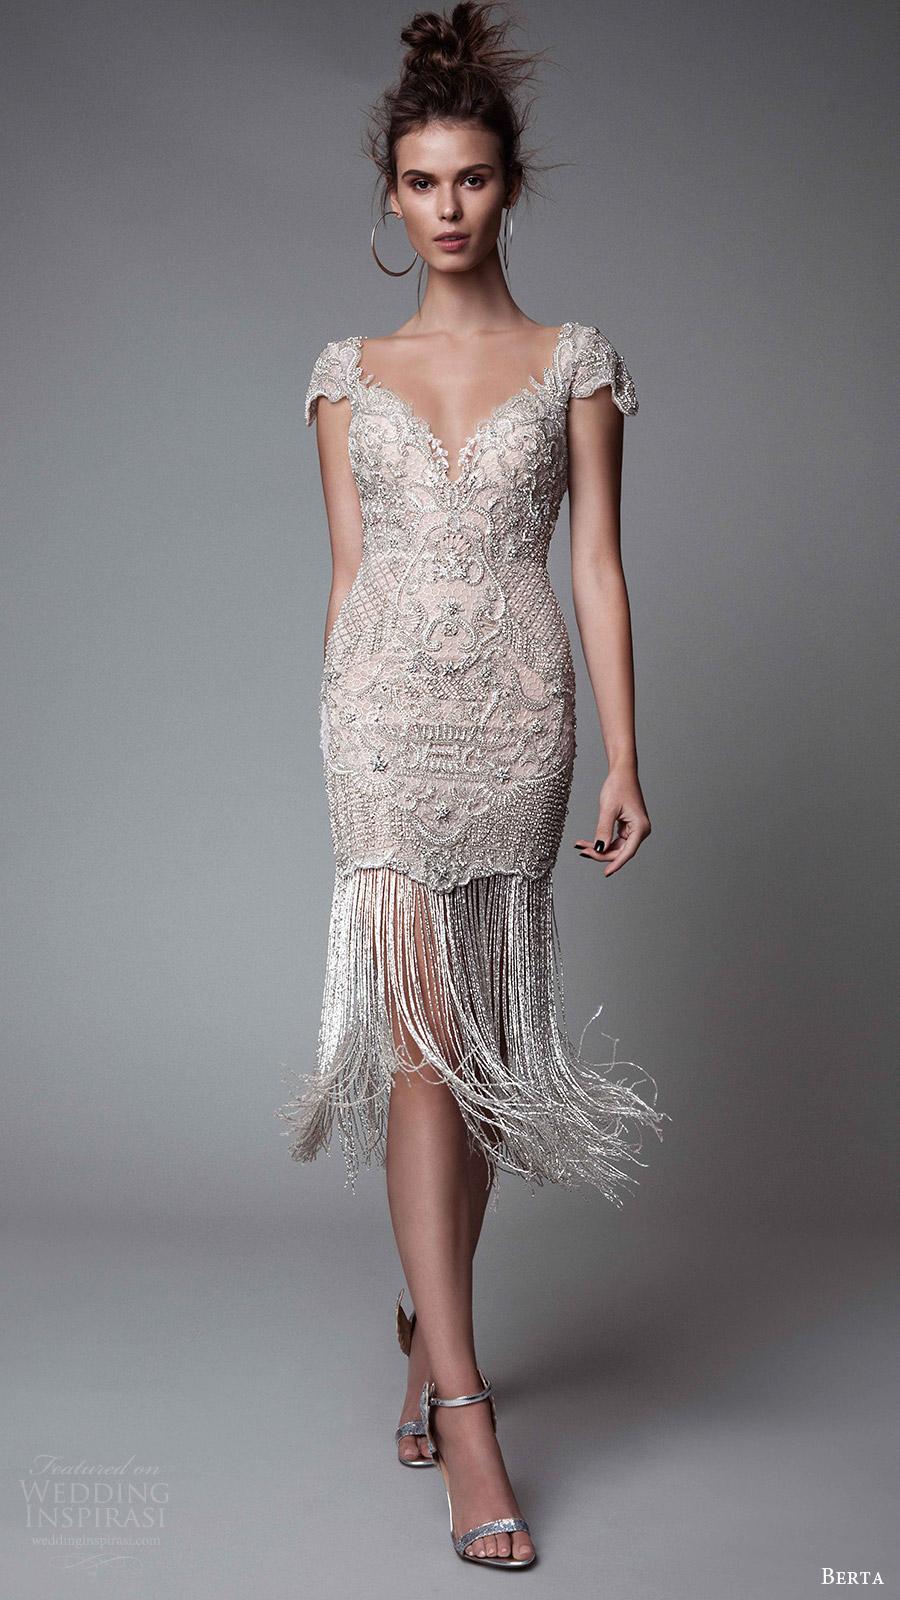 berta rtw fall 2017 (17 14) cap sleeves  off white mini dress fringe skirt mv